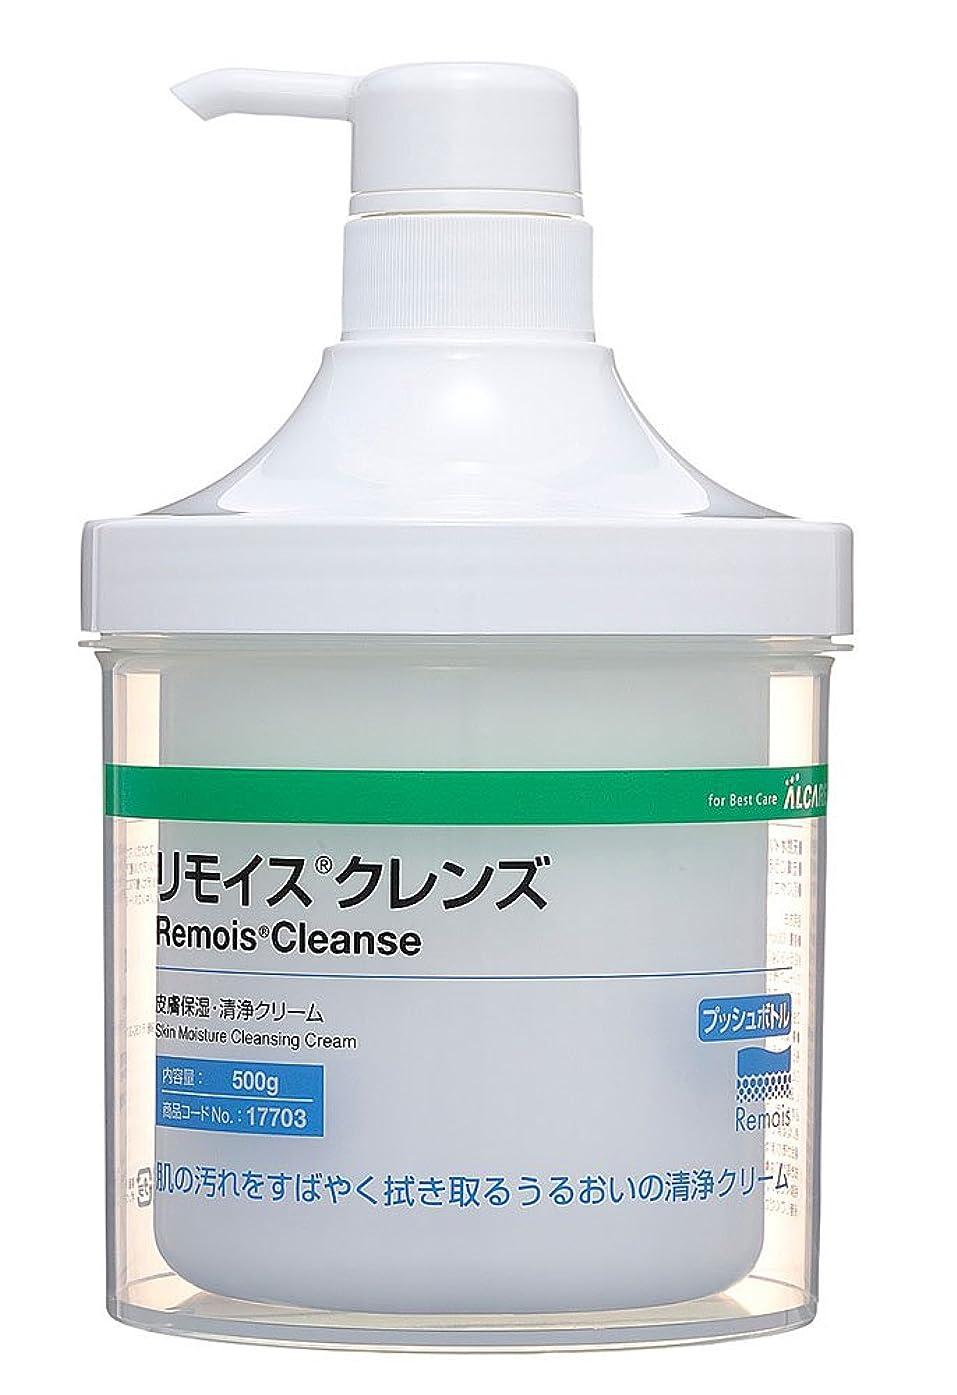 魅惑する柱傘アルケア リモイスクレンズ 皮膚保湿?清浄クリーム 17703 プッシュボトル 500g